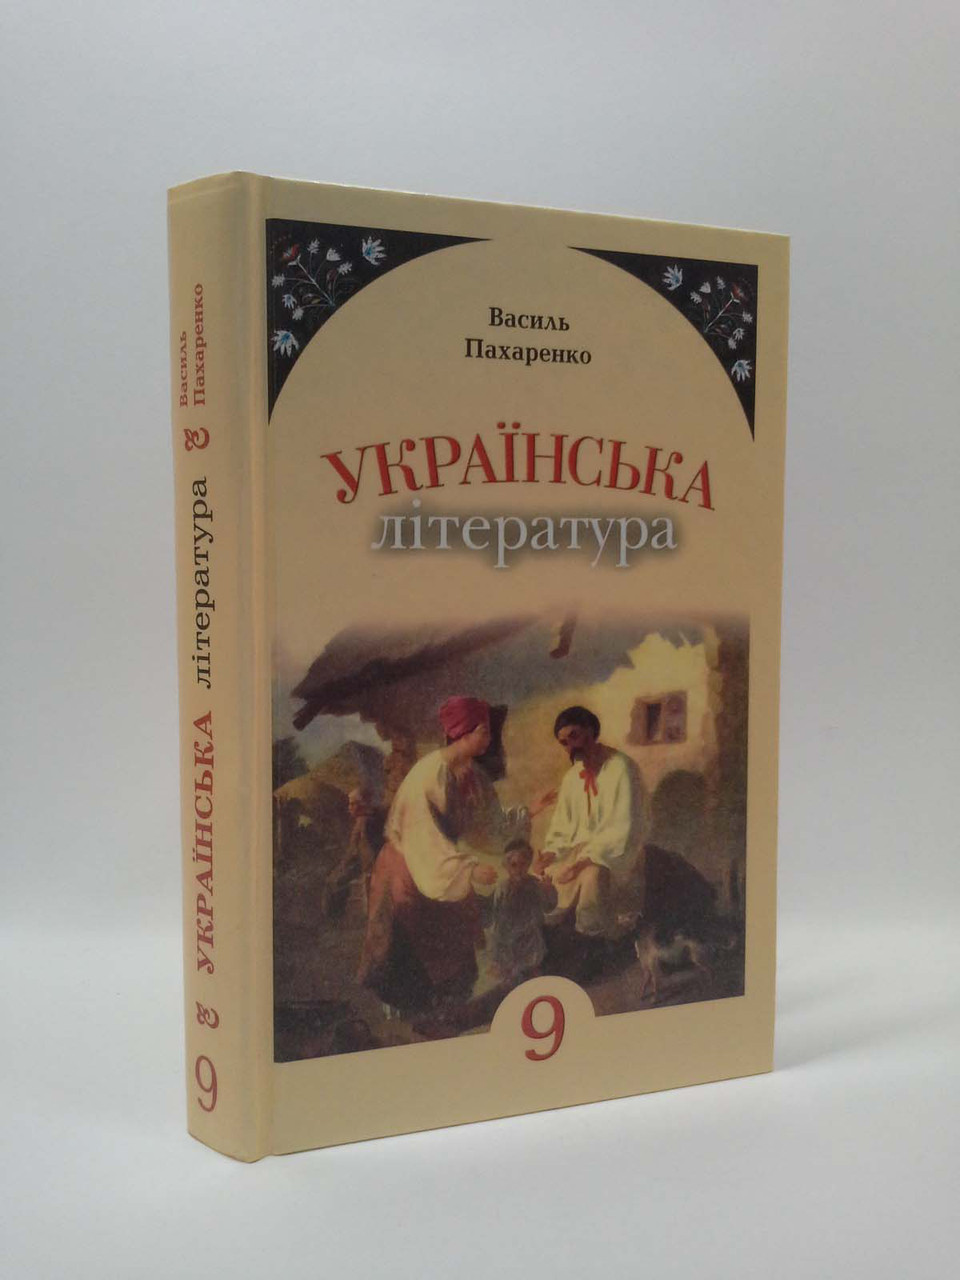 Підручник Українська література 9 клас Пахаренко Генезу